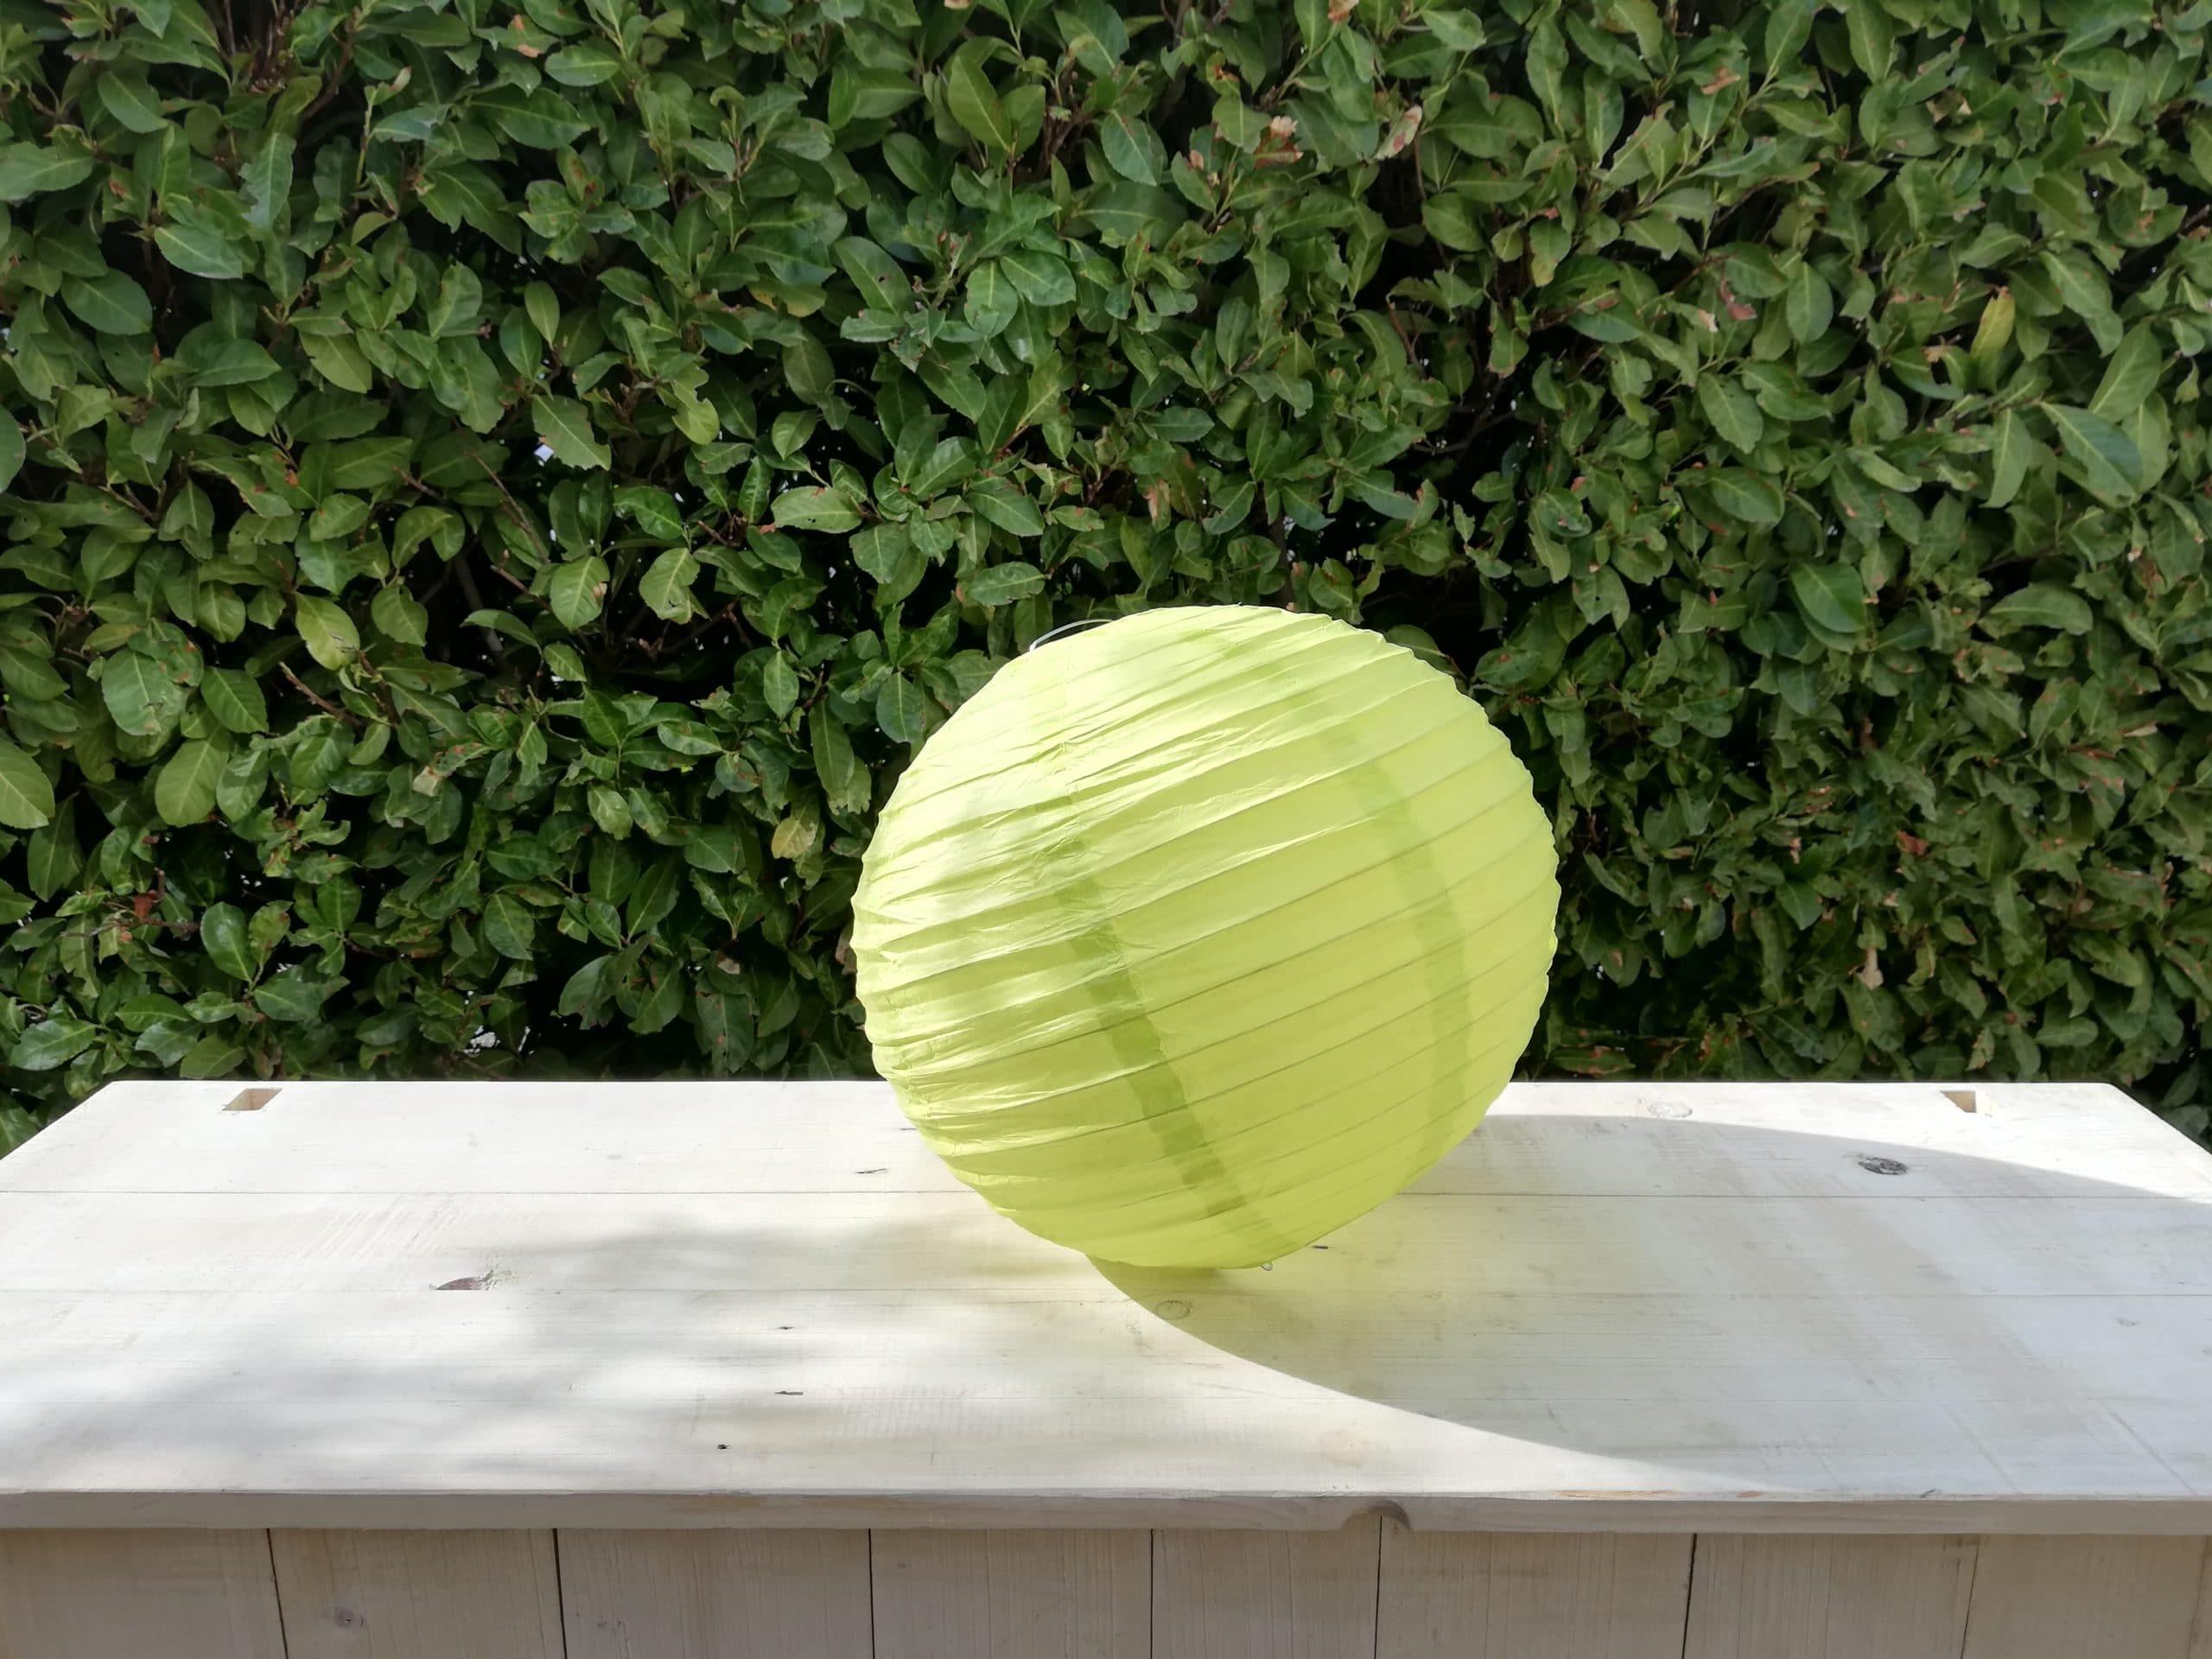 location de boules chinoises vertes anis pour décoration de mariage proposées par esprit pop'up